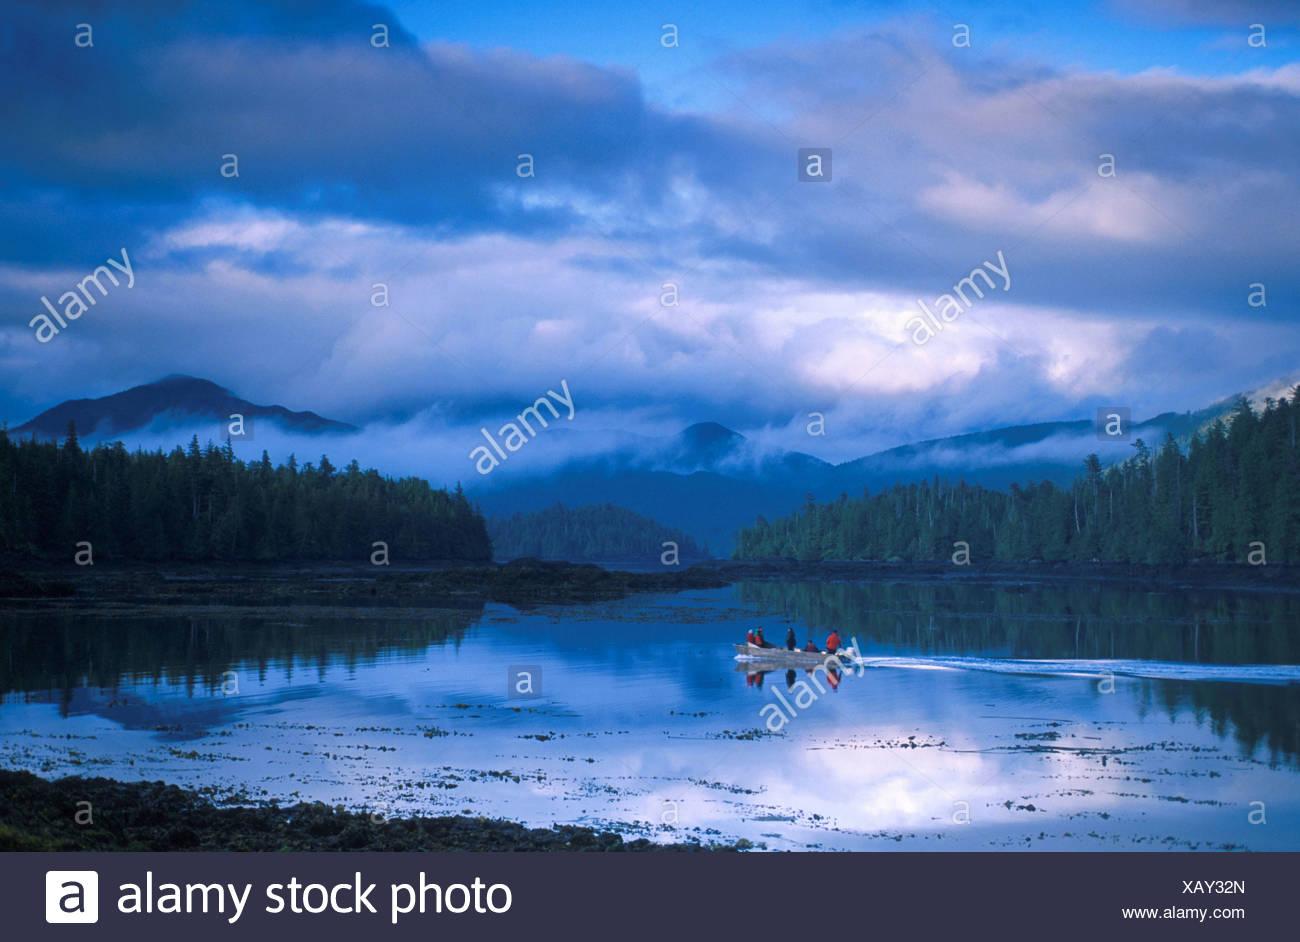 Bateau aventures British Columbia Canada Amérique du Nord côte nuages bateau moteur Houston Stewart Chan Photo Stock